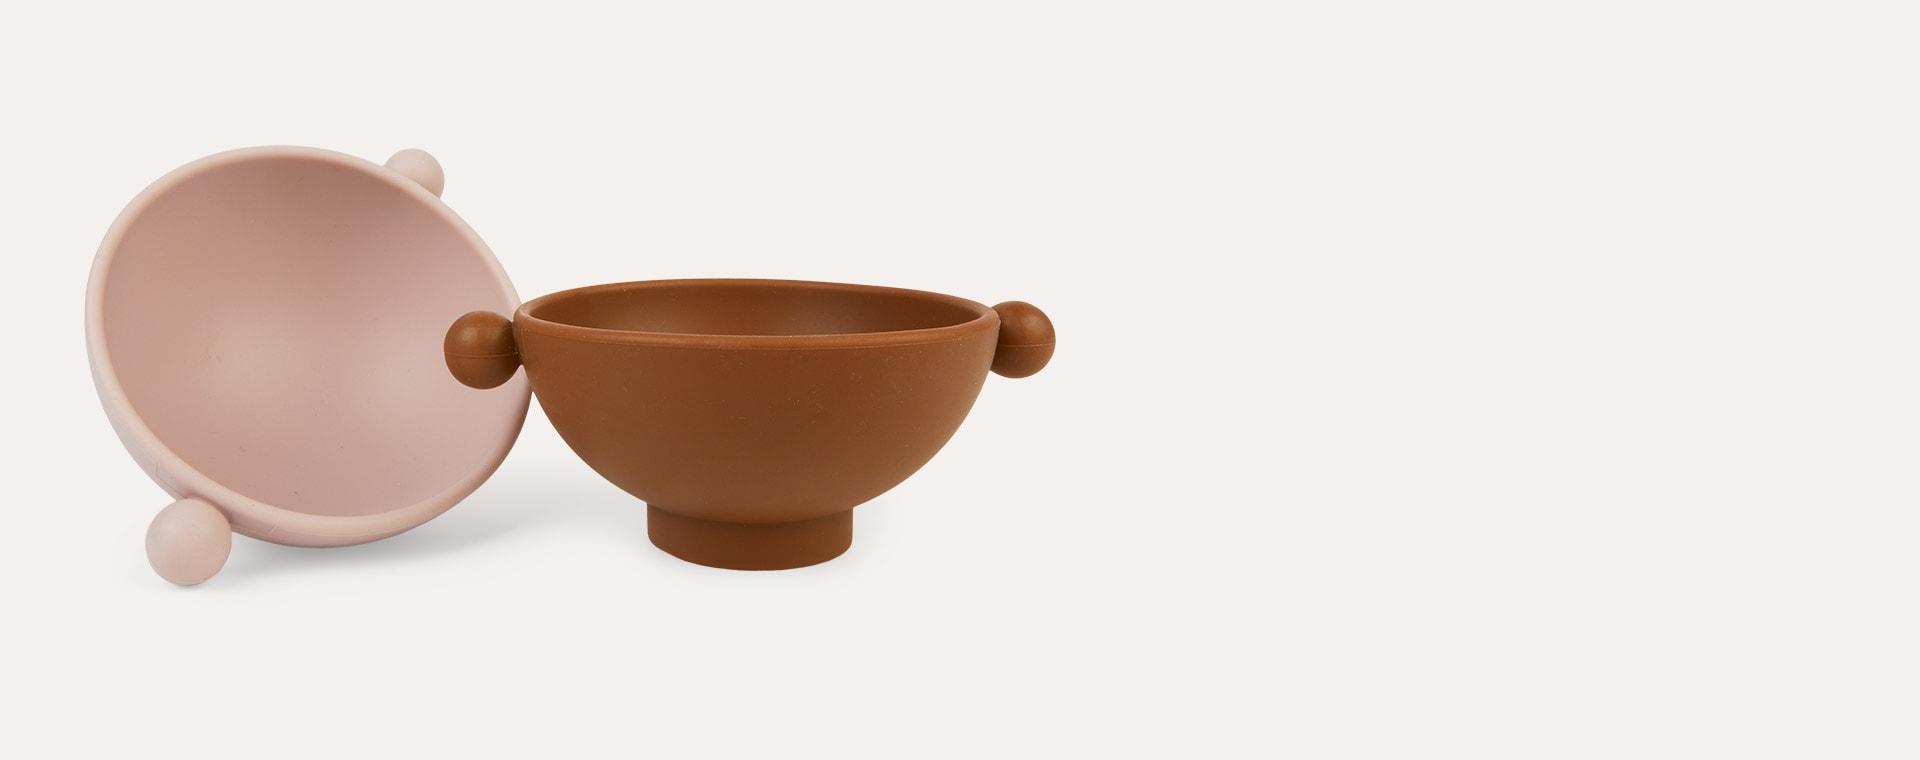 Caramel/Rose OYOY Tiny Inka Bowl Set of 2